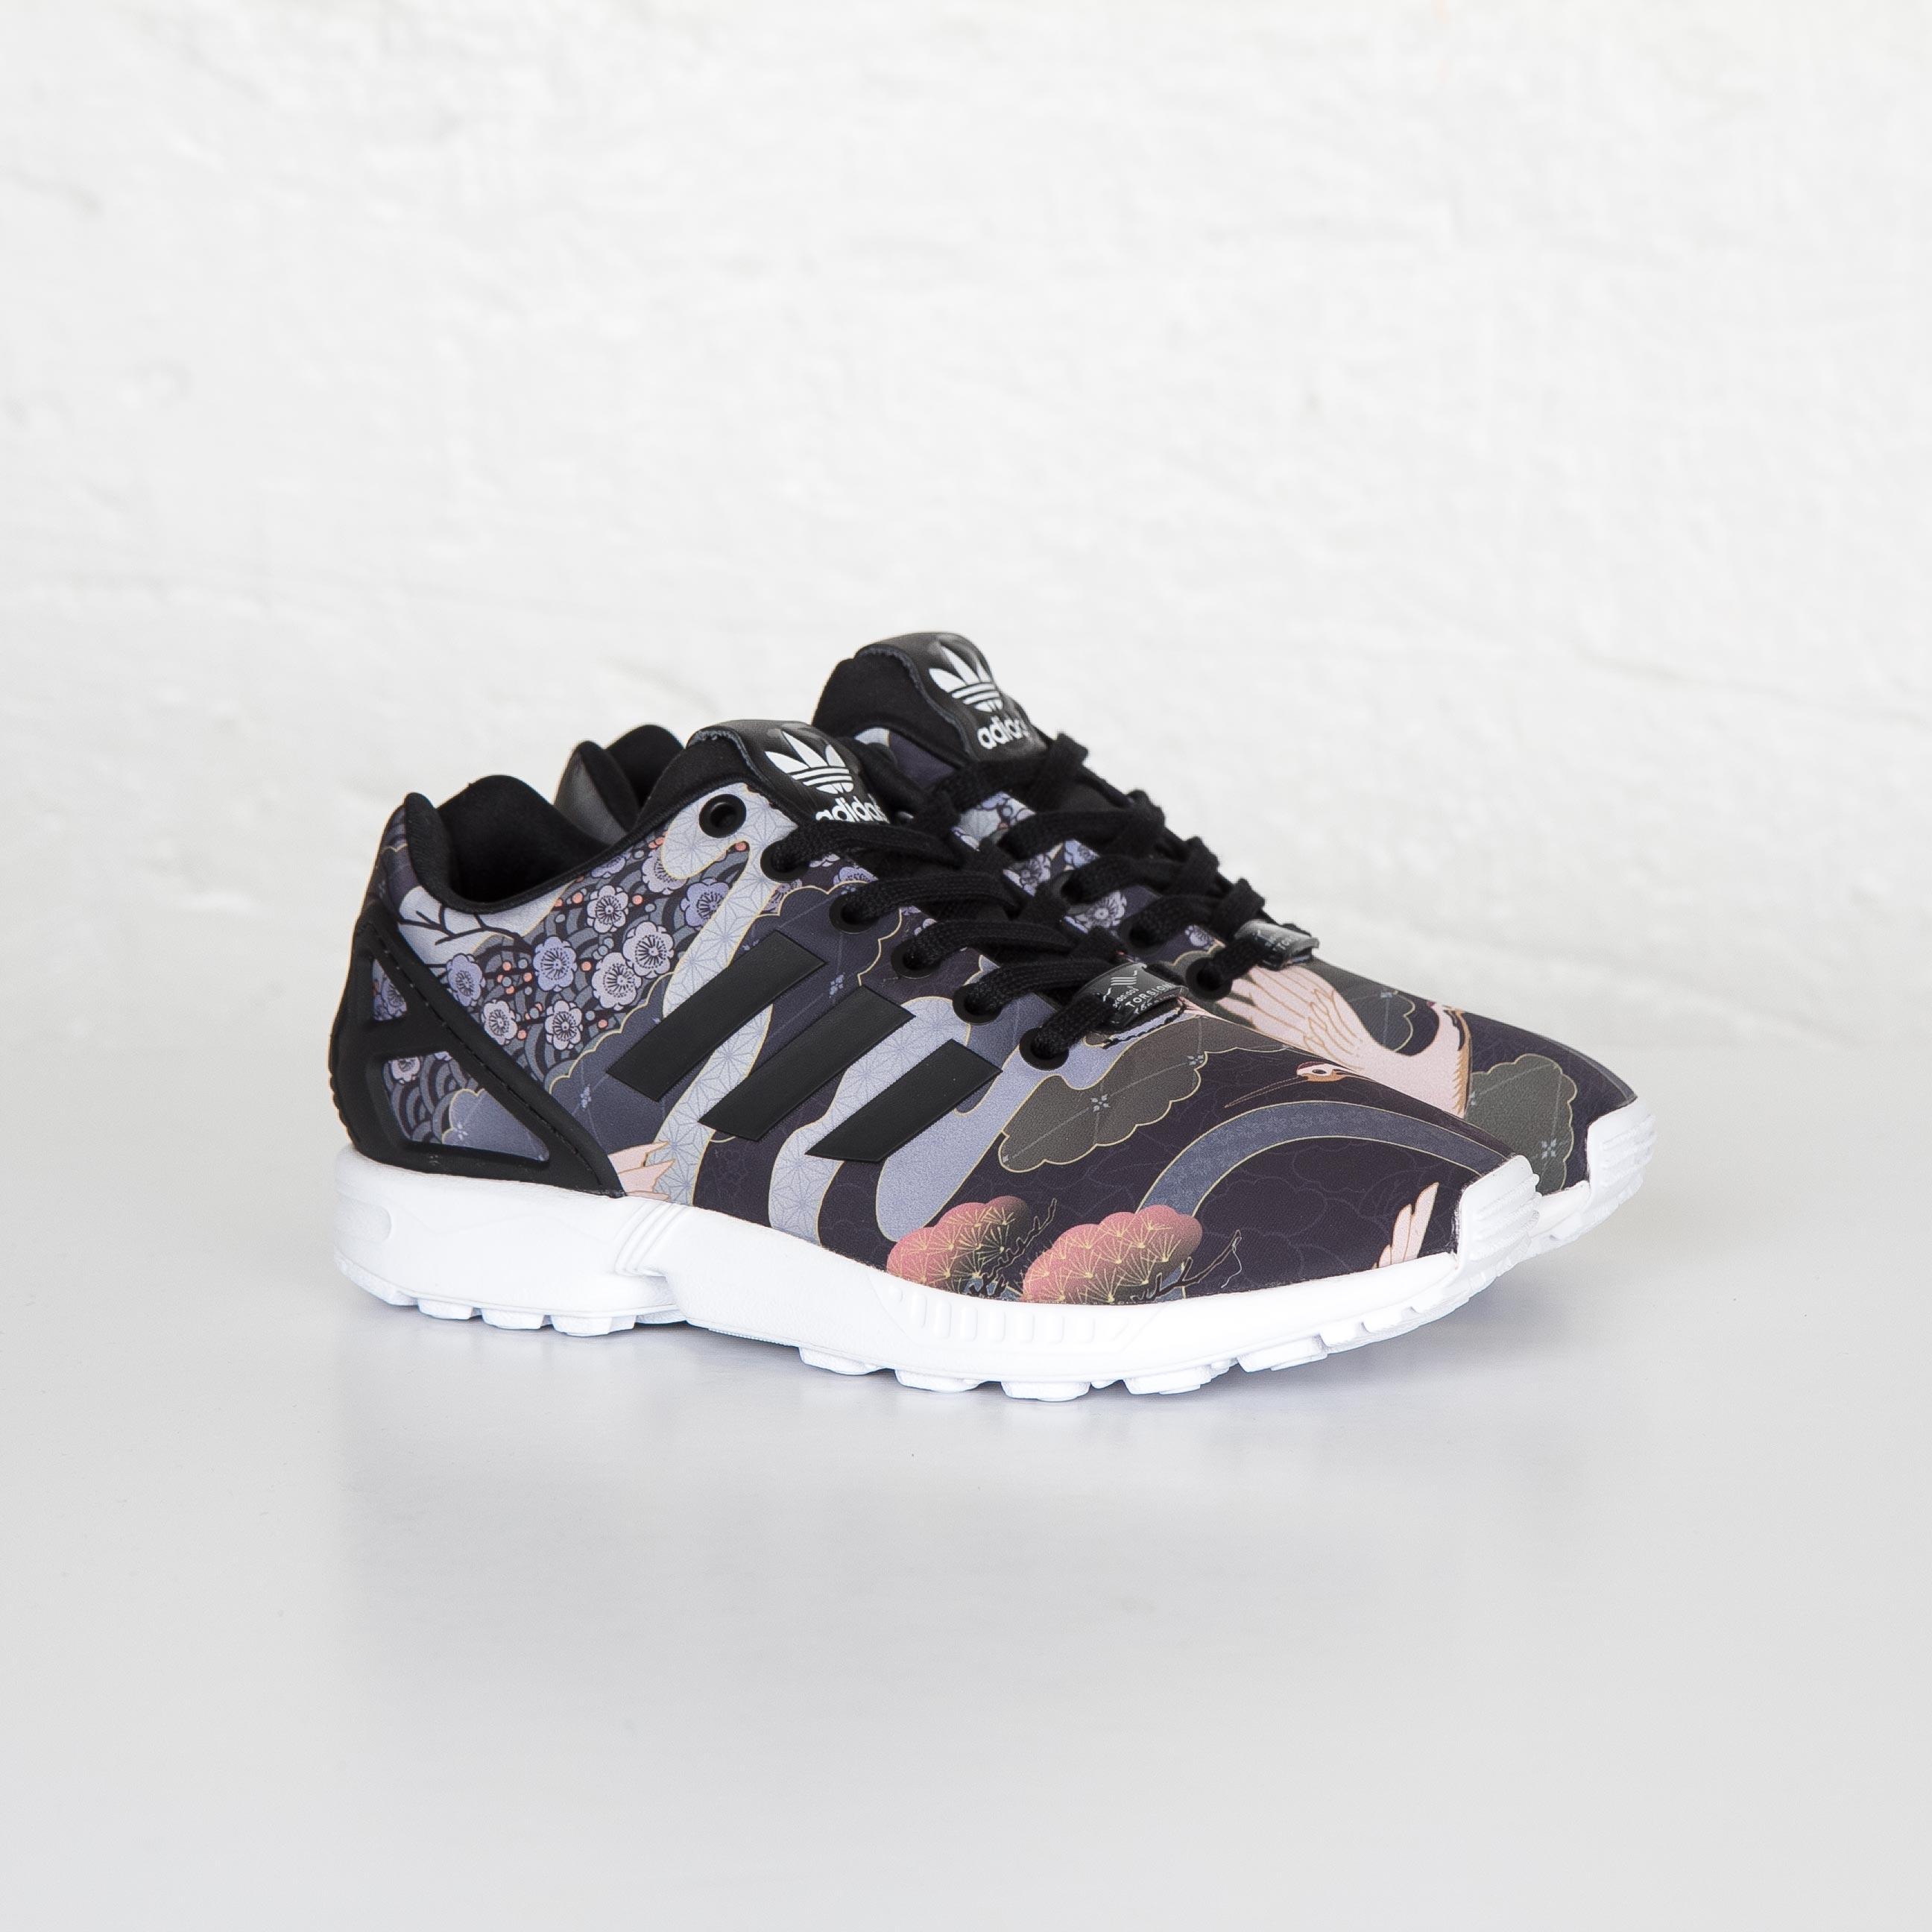 74d1e9cc7a5a1 adidas ZX Flux W - S75039 - Sneakersnstuff